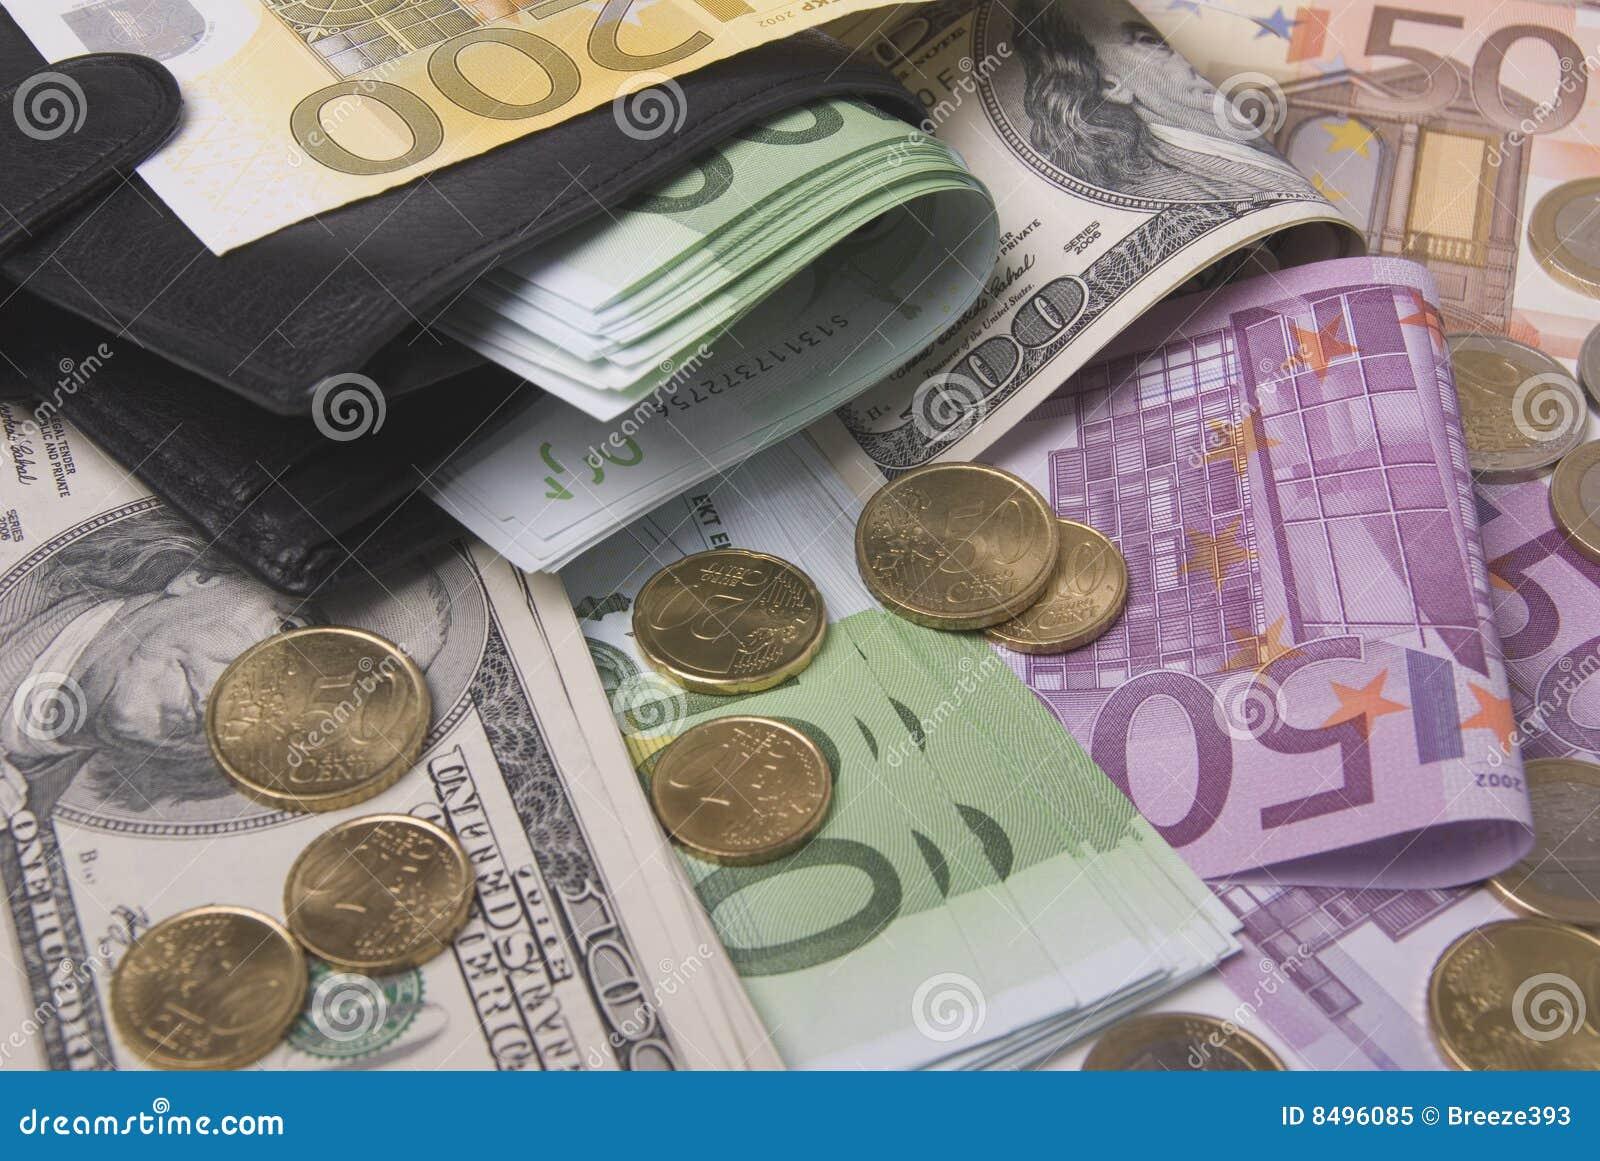 Geld und Fonds